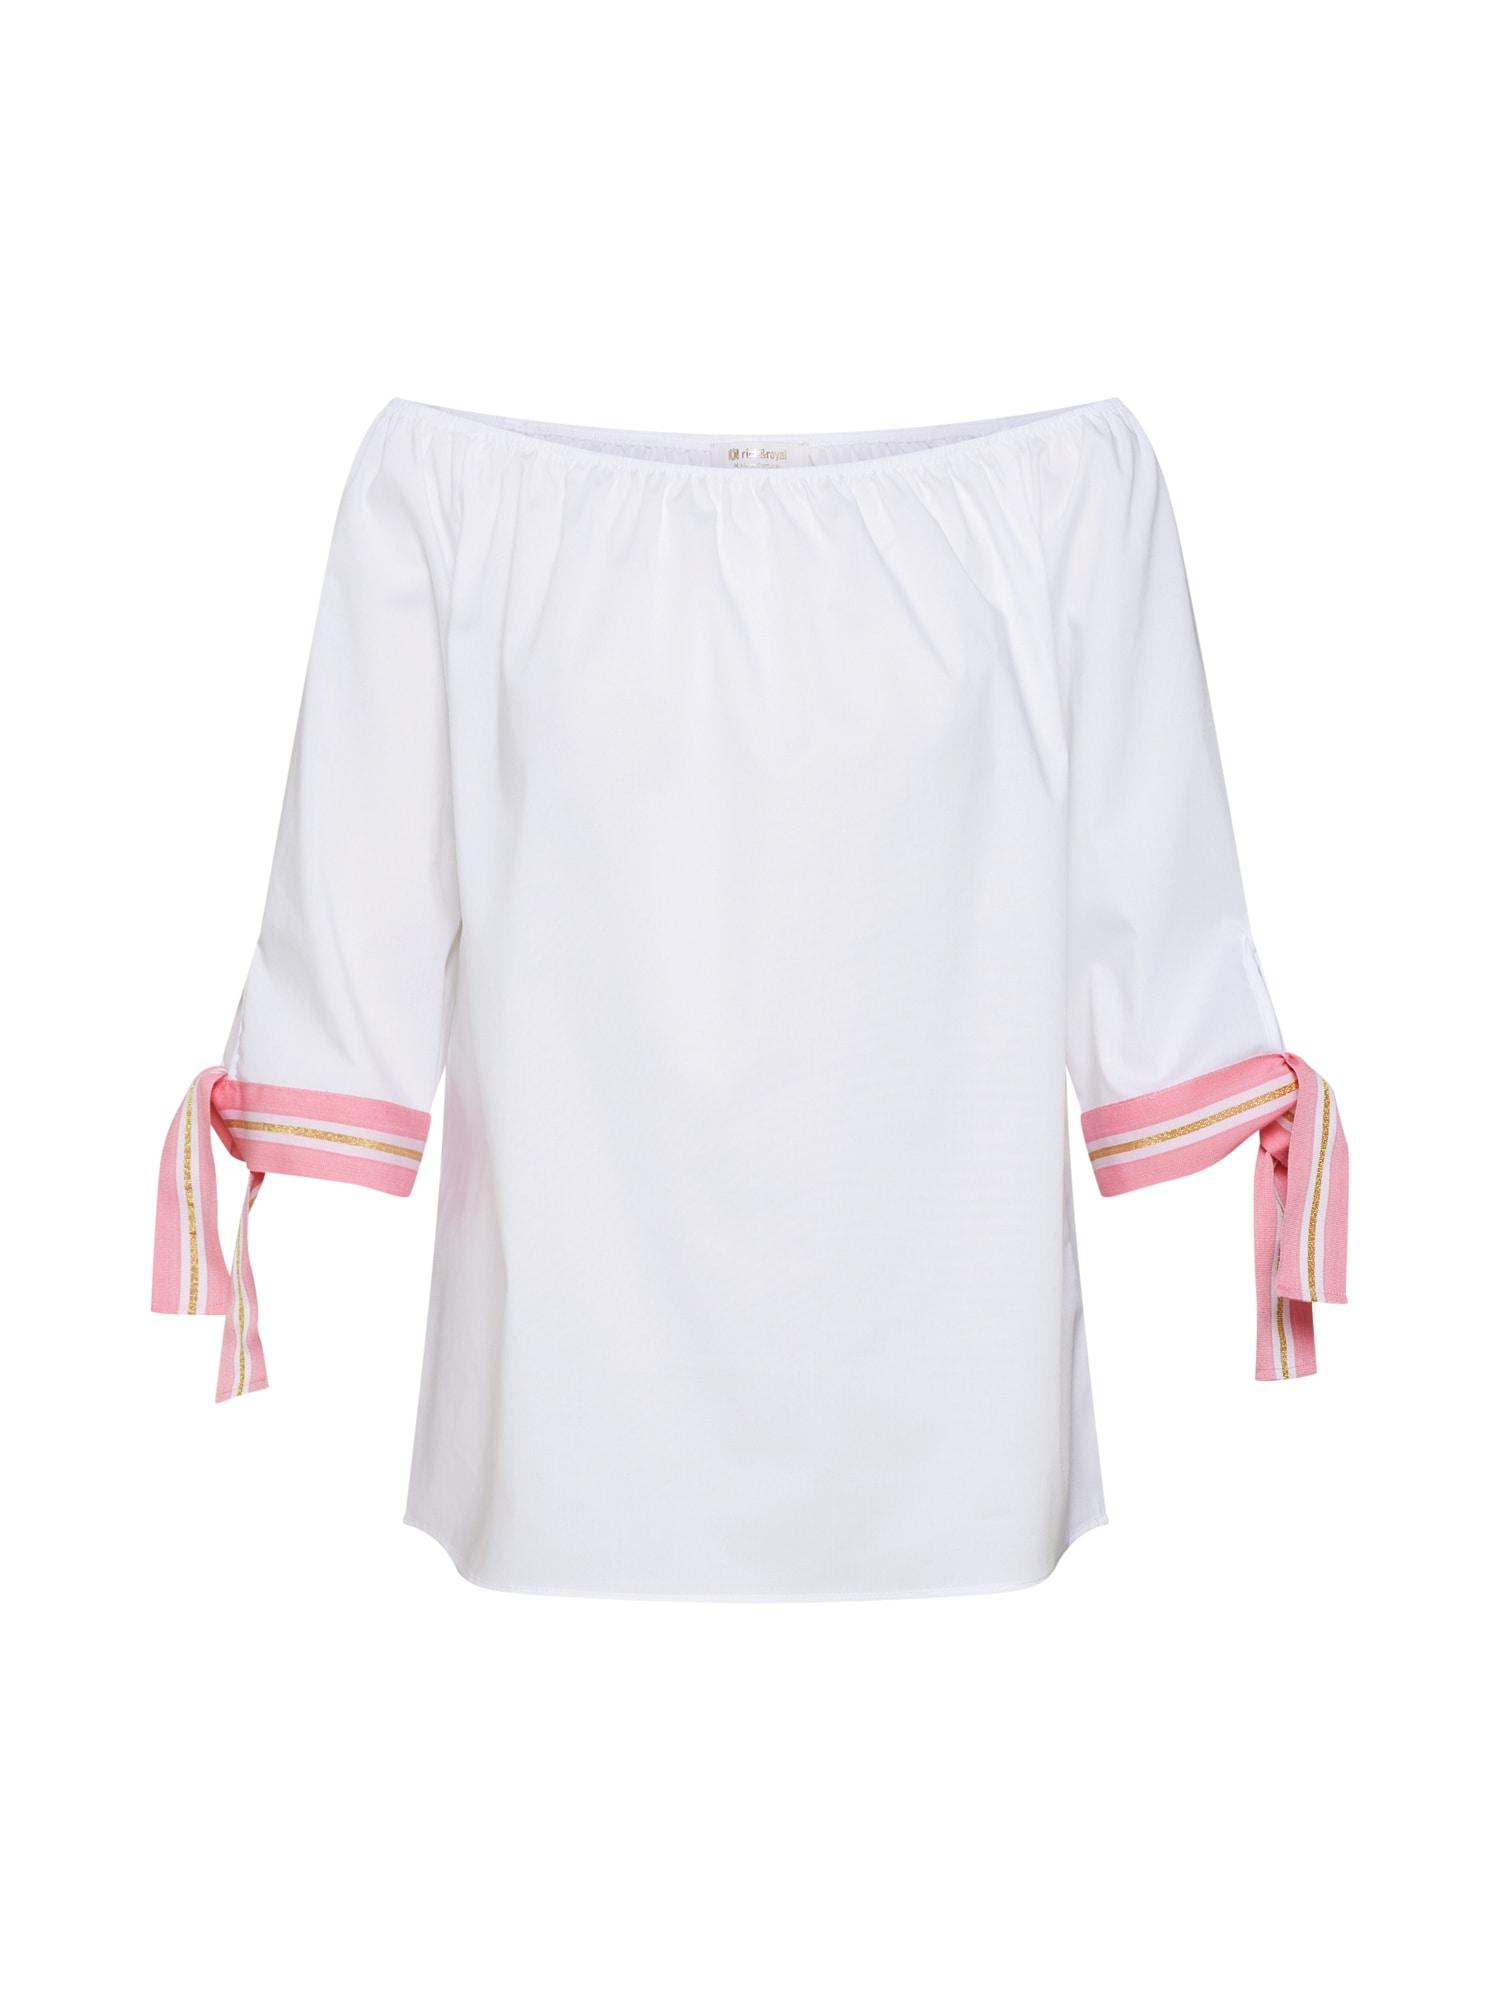 Halenka oranžová pink bílá Rich & Royal